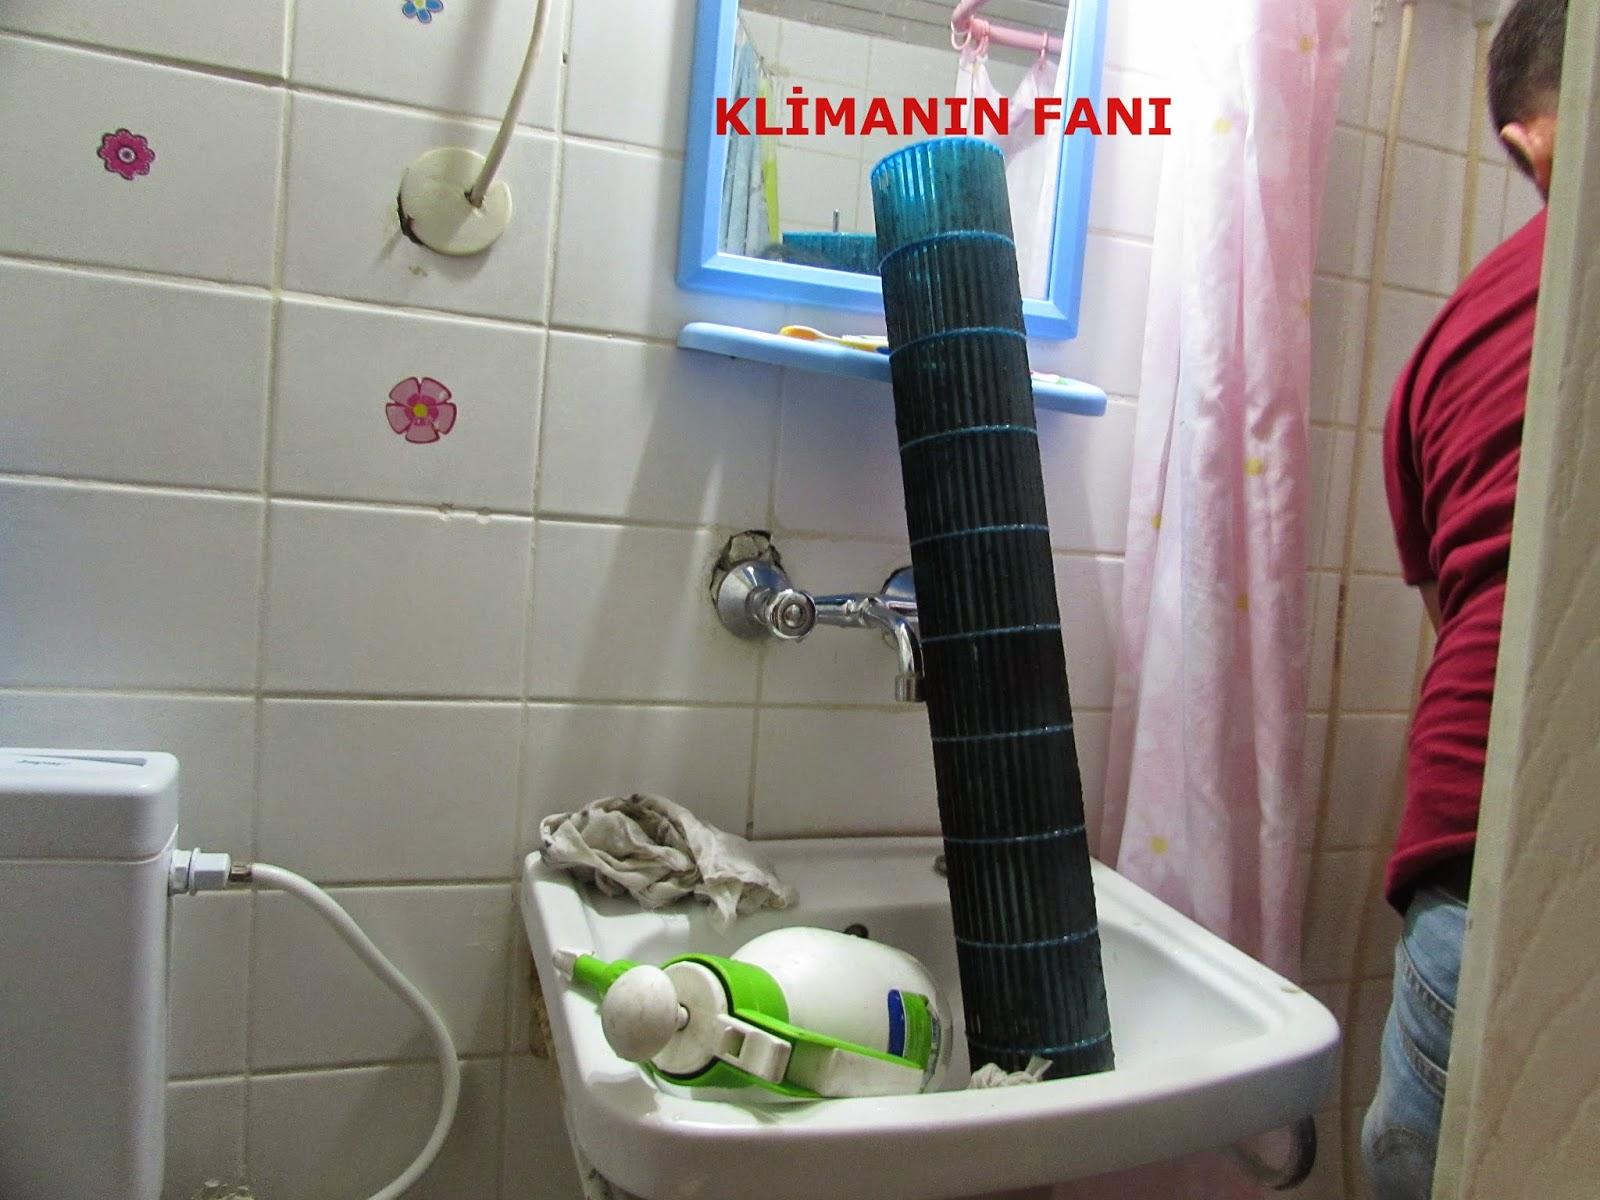 klima fan temizliği